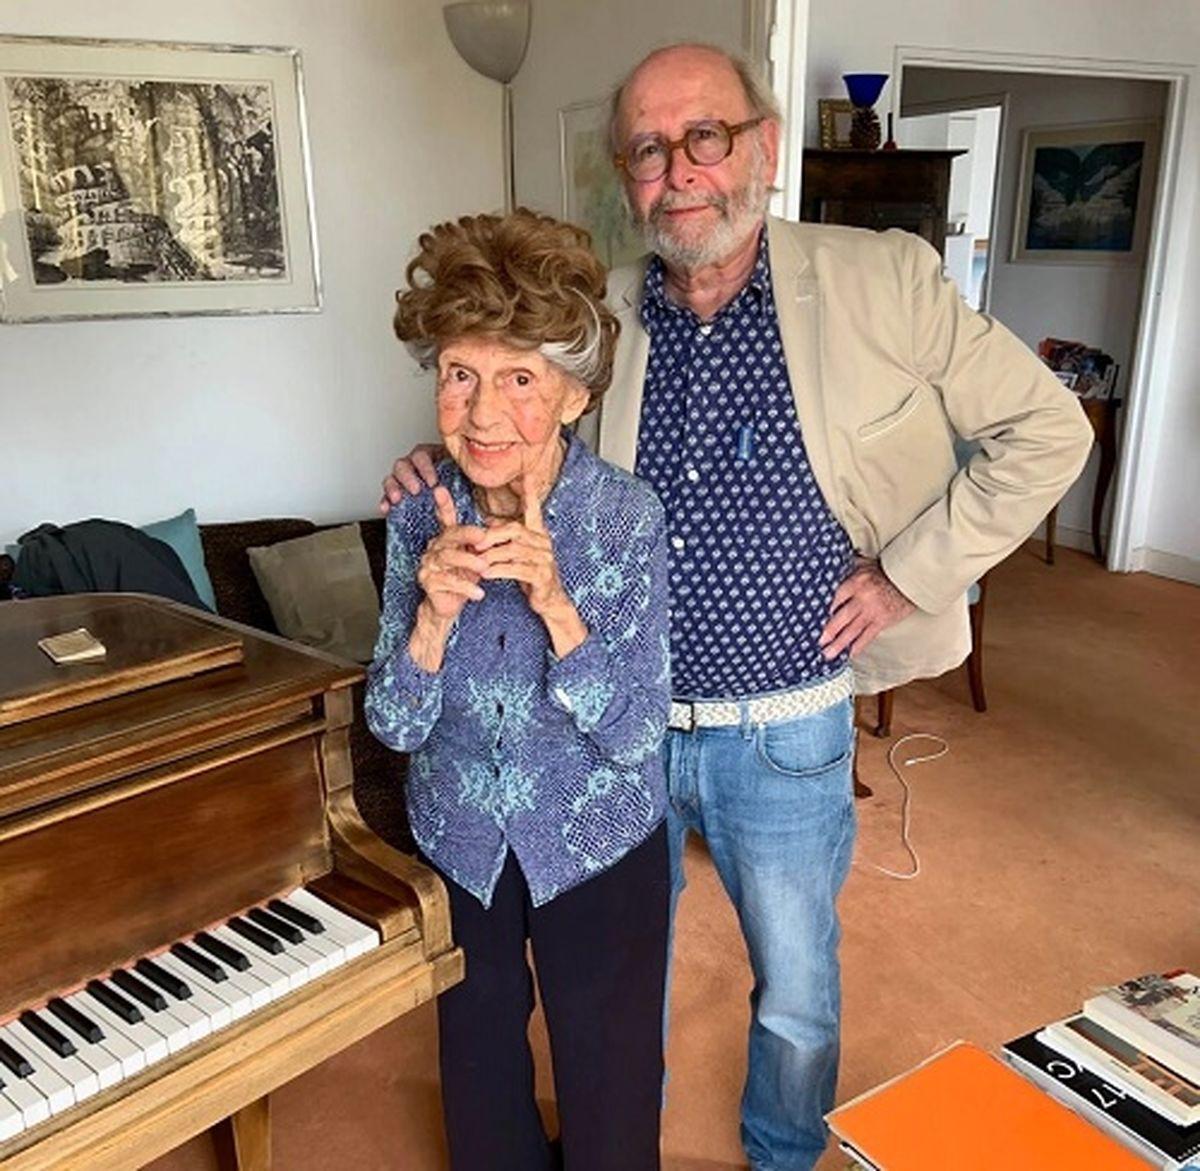 زن پیانیست ۱۰۷ ساله آلبوم جدیدش را منتشر کرد